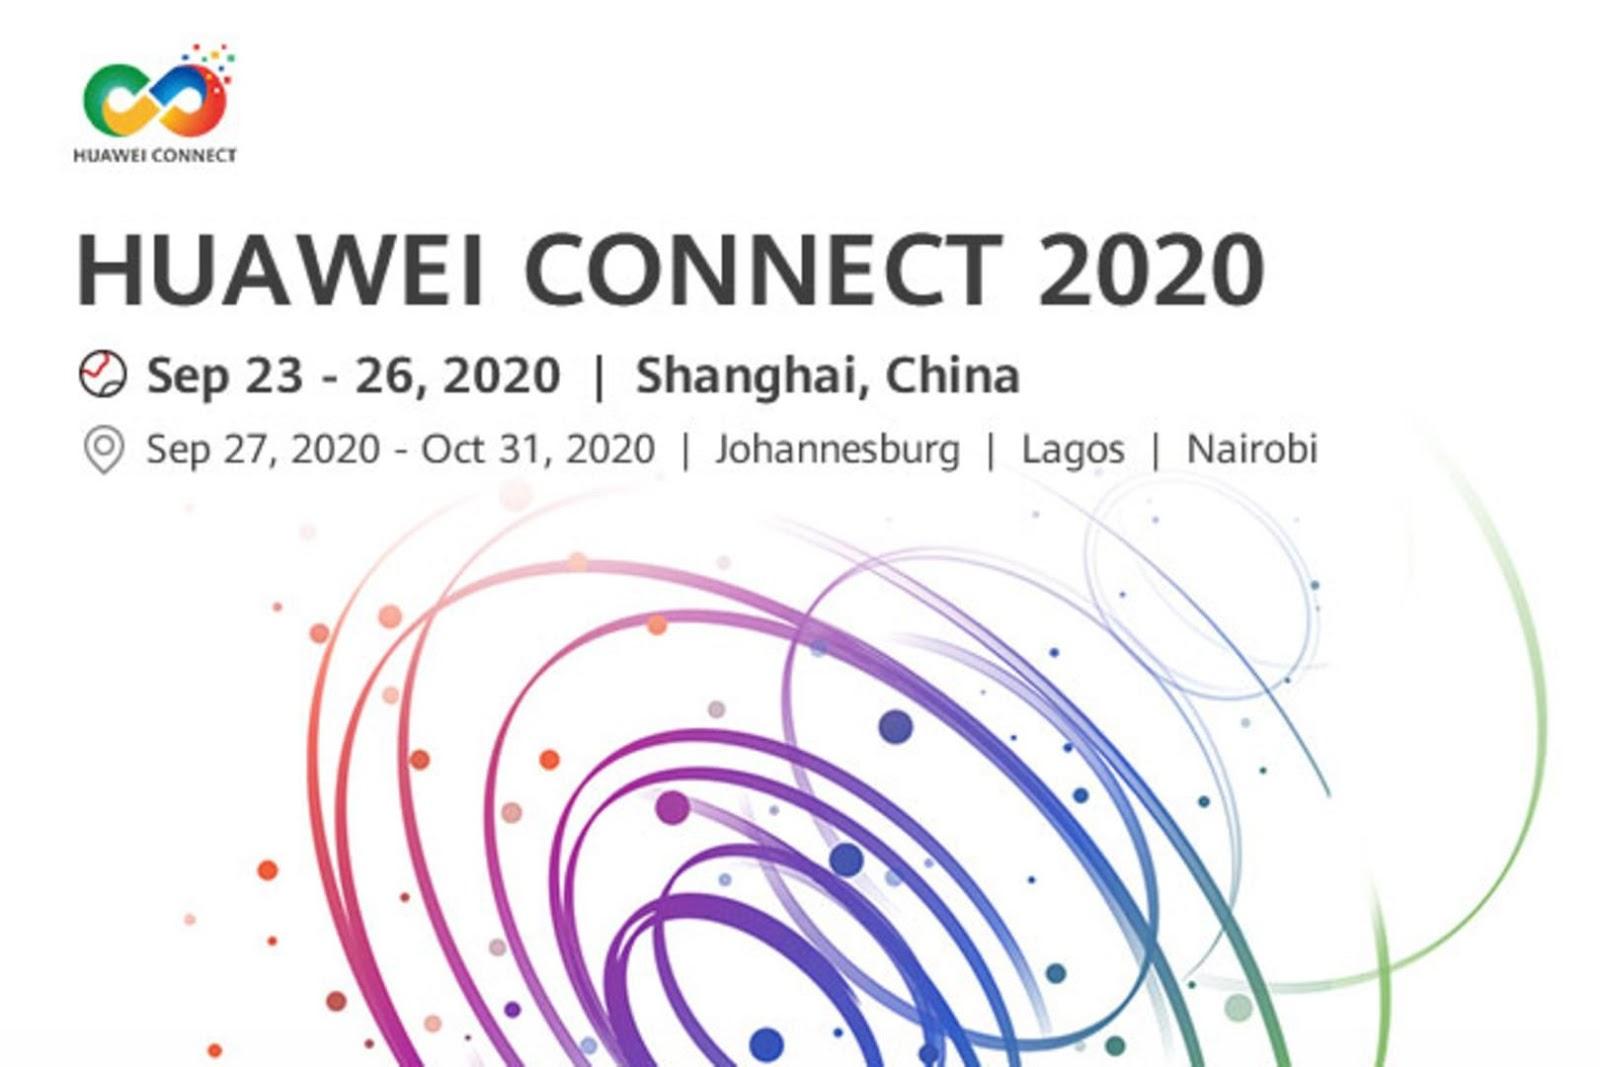 Huawei เผยกลยุทธ์สร้างคุณค่าใหม่ด้วยการผสาน 5 ขอบข่ายเทคโนโลยีสำคัญ